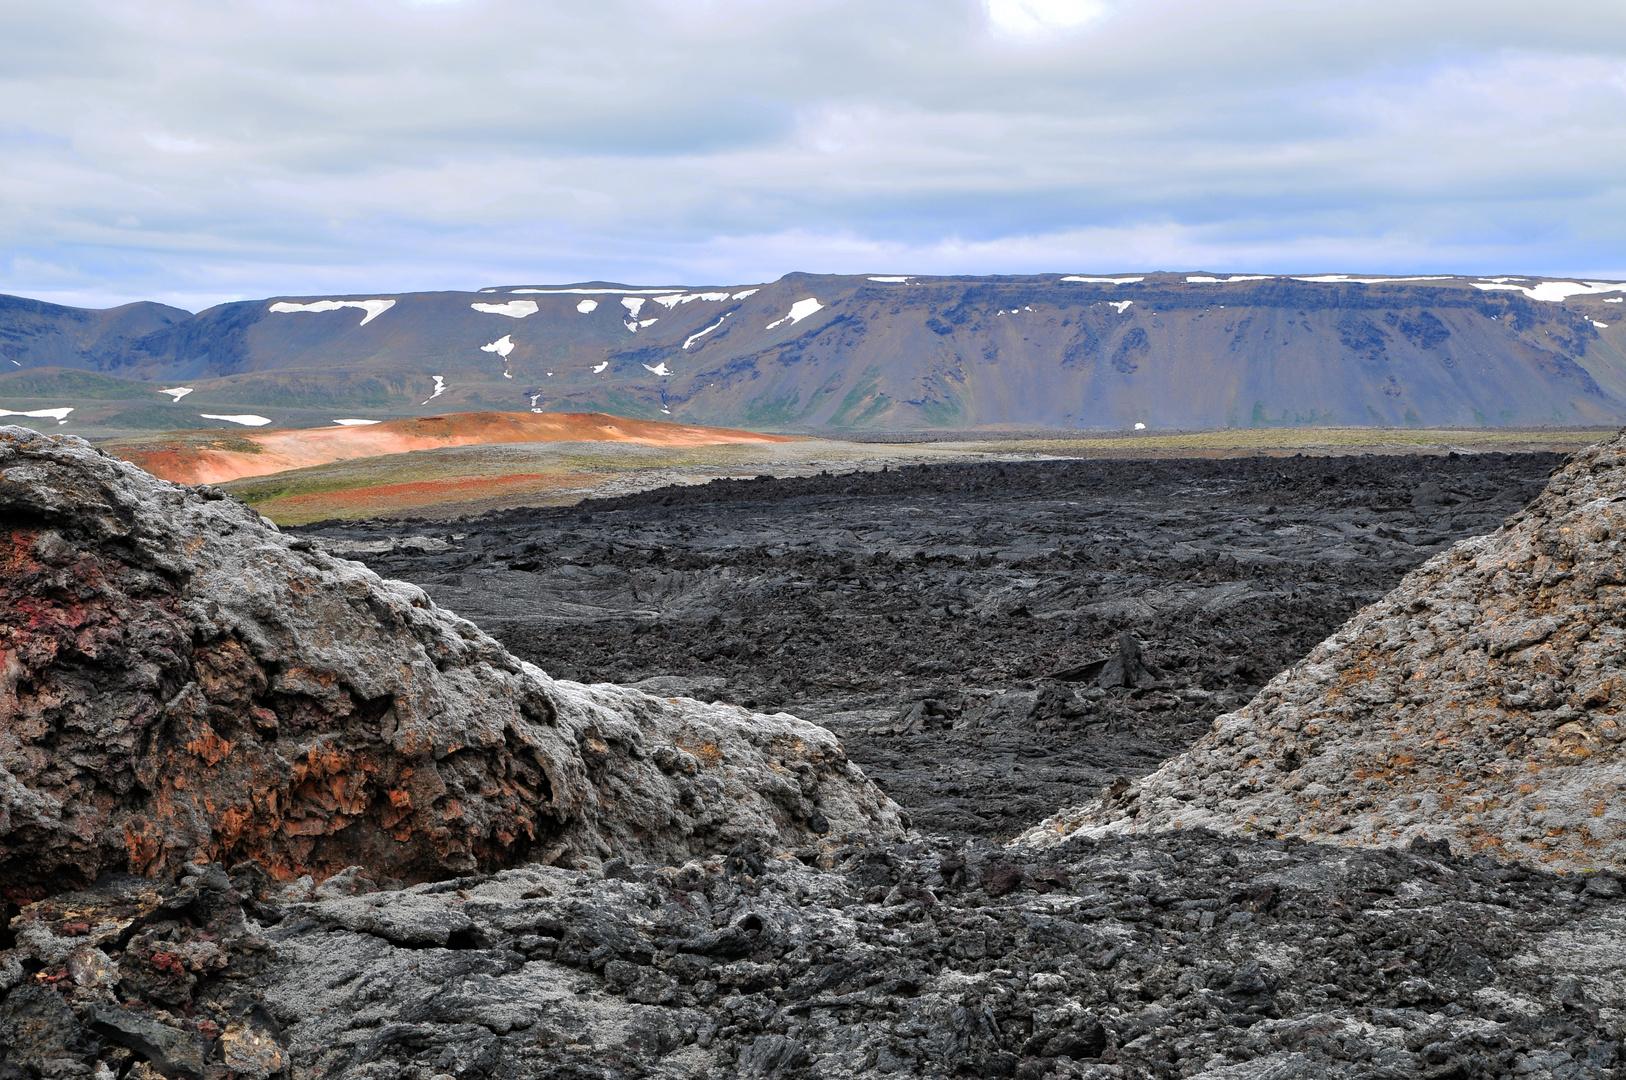 Leirhnjúkur Lava-Gebiet (Myvatn-Region) im Juli 2012